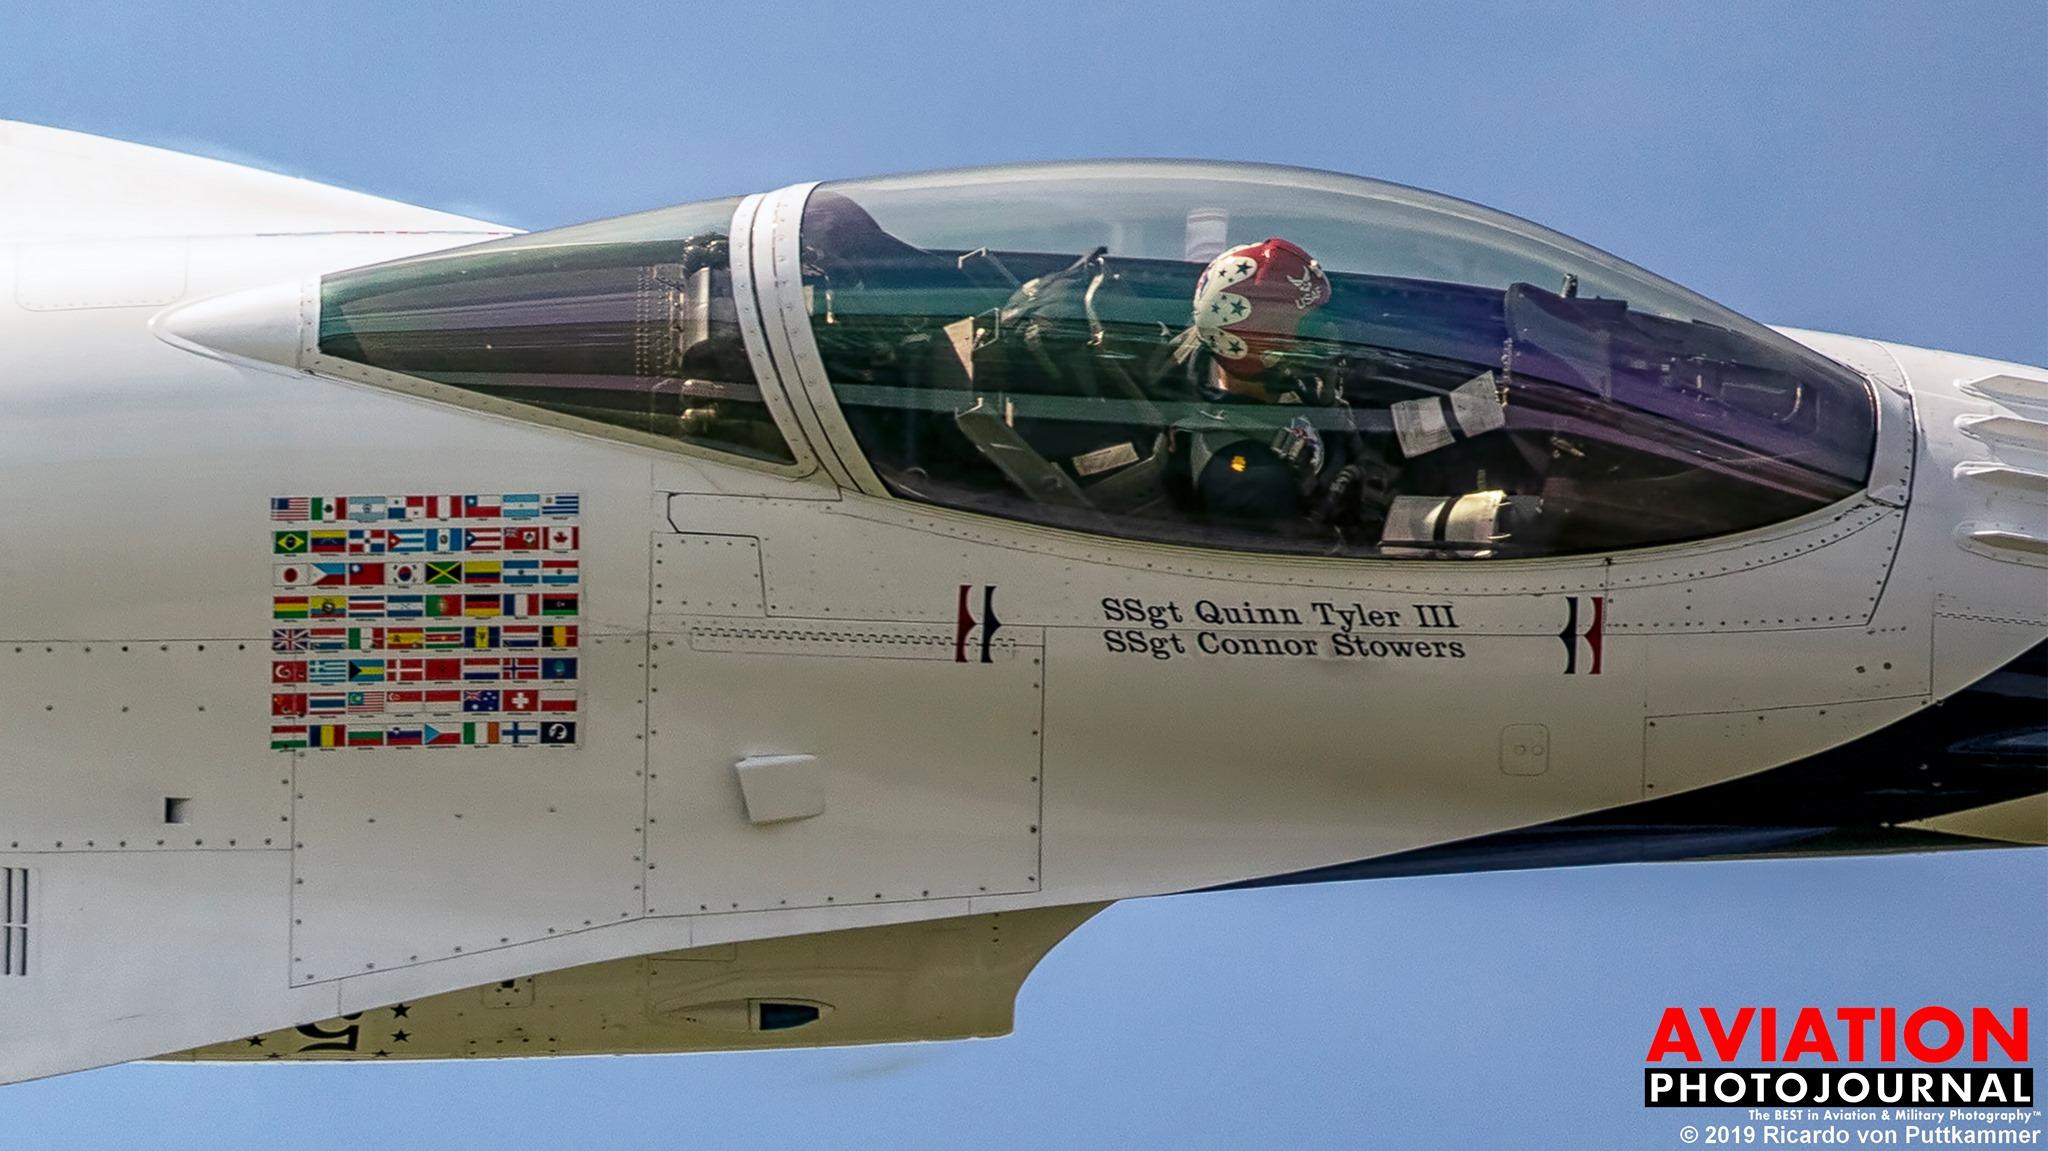 A jó fotós bepillanthat egy katonai kötelék gépének fülkéjébe is... A fotón a Viharmadarak egyik F-16-osa